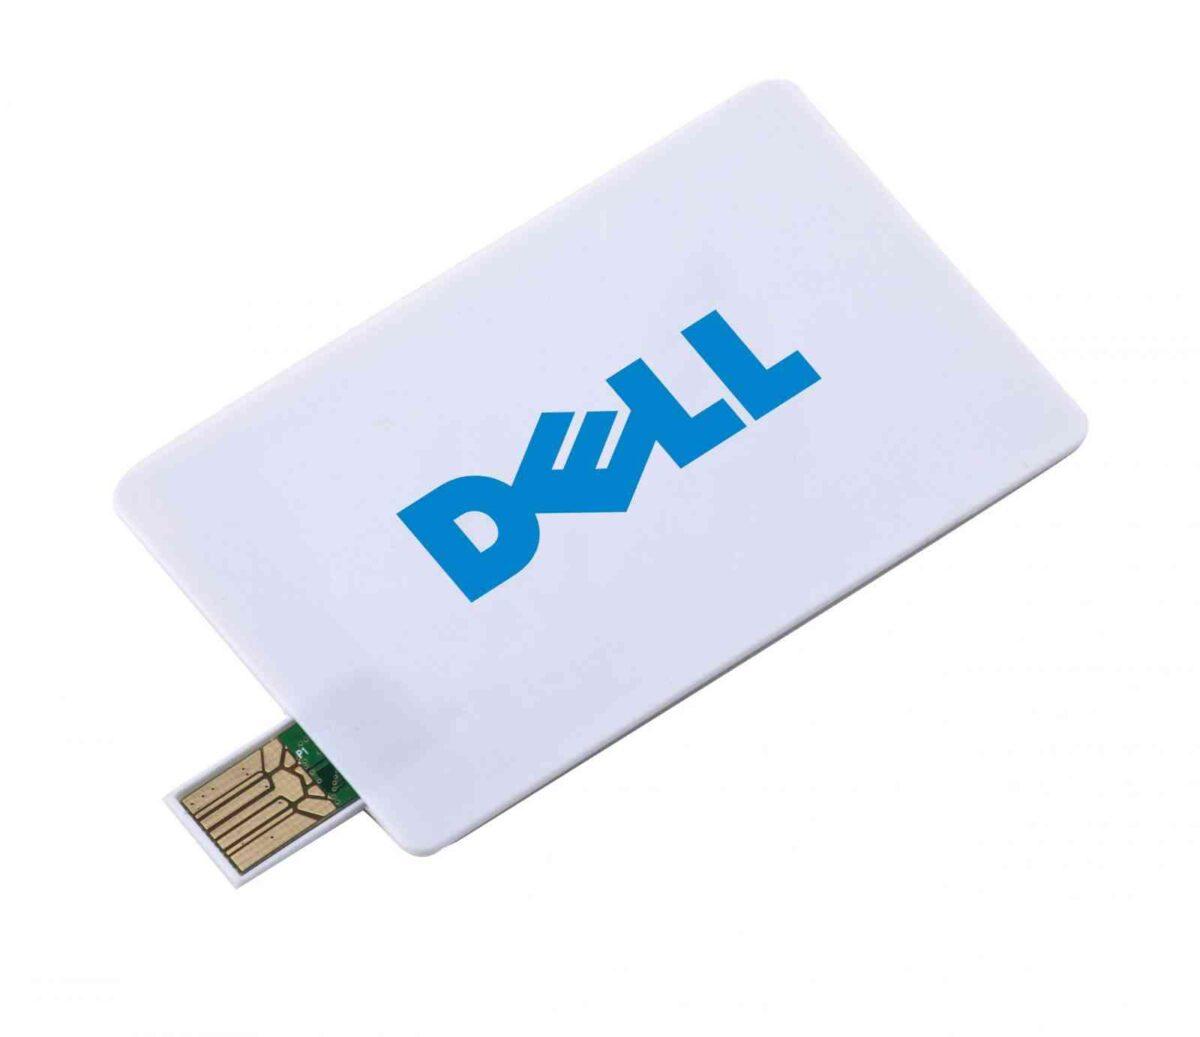 זיכרון נייד כרטיס אשראי - קאזאם